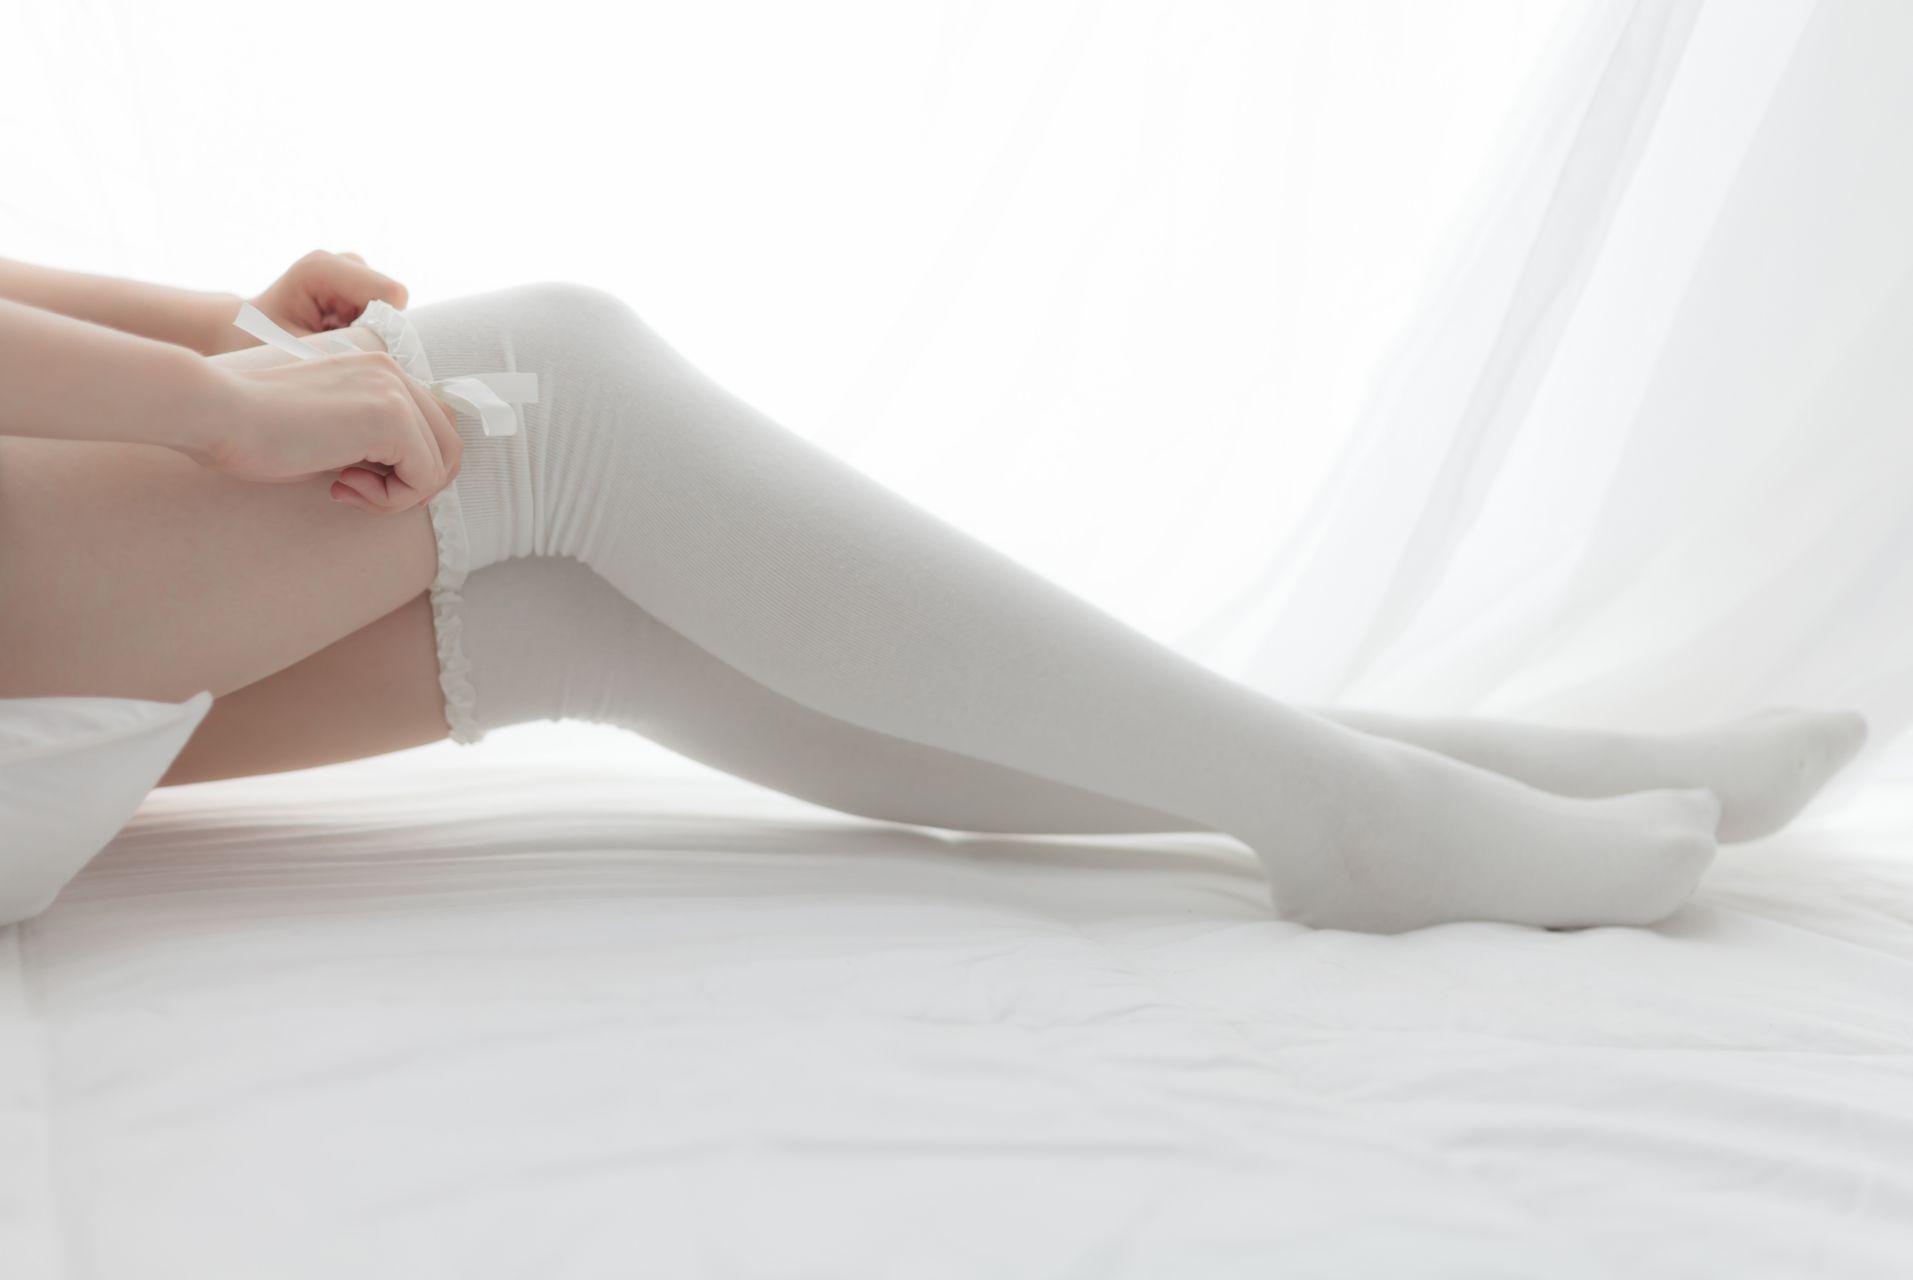 少女秩序 VOL.008 白丝长筒袜 兔玩映画 第32张